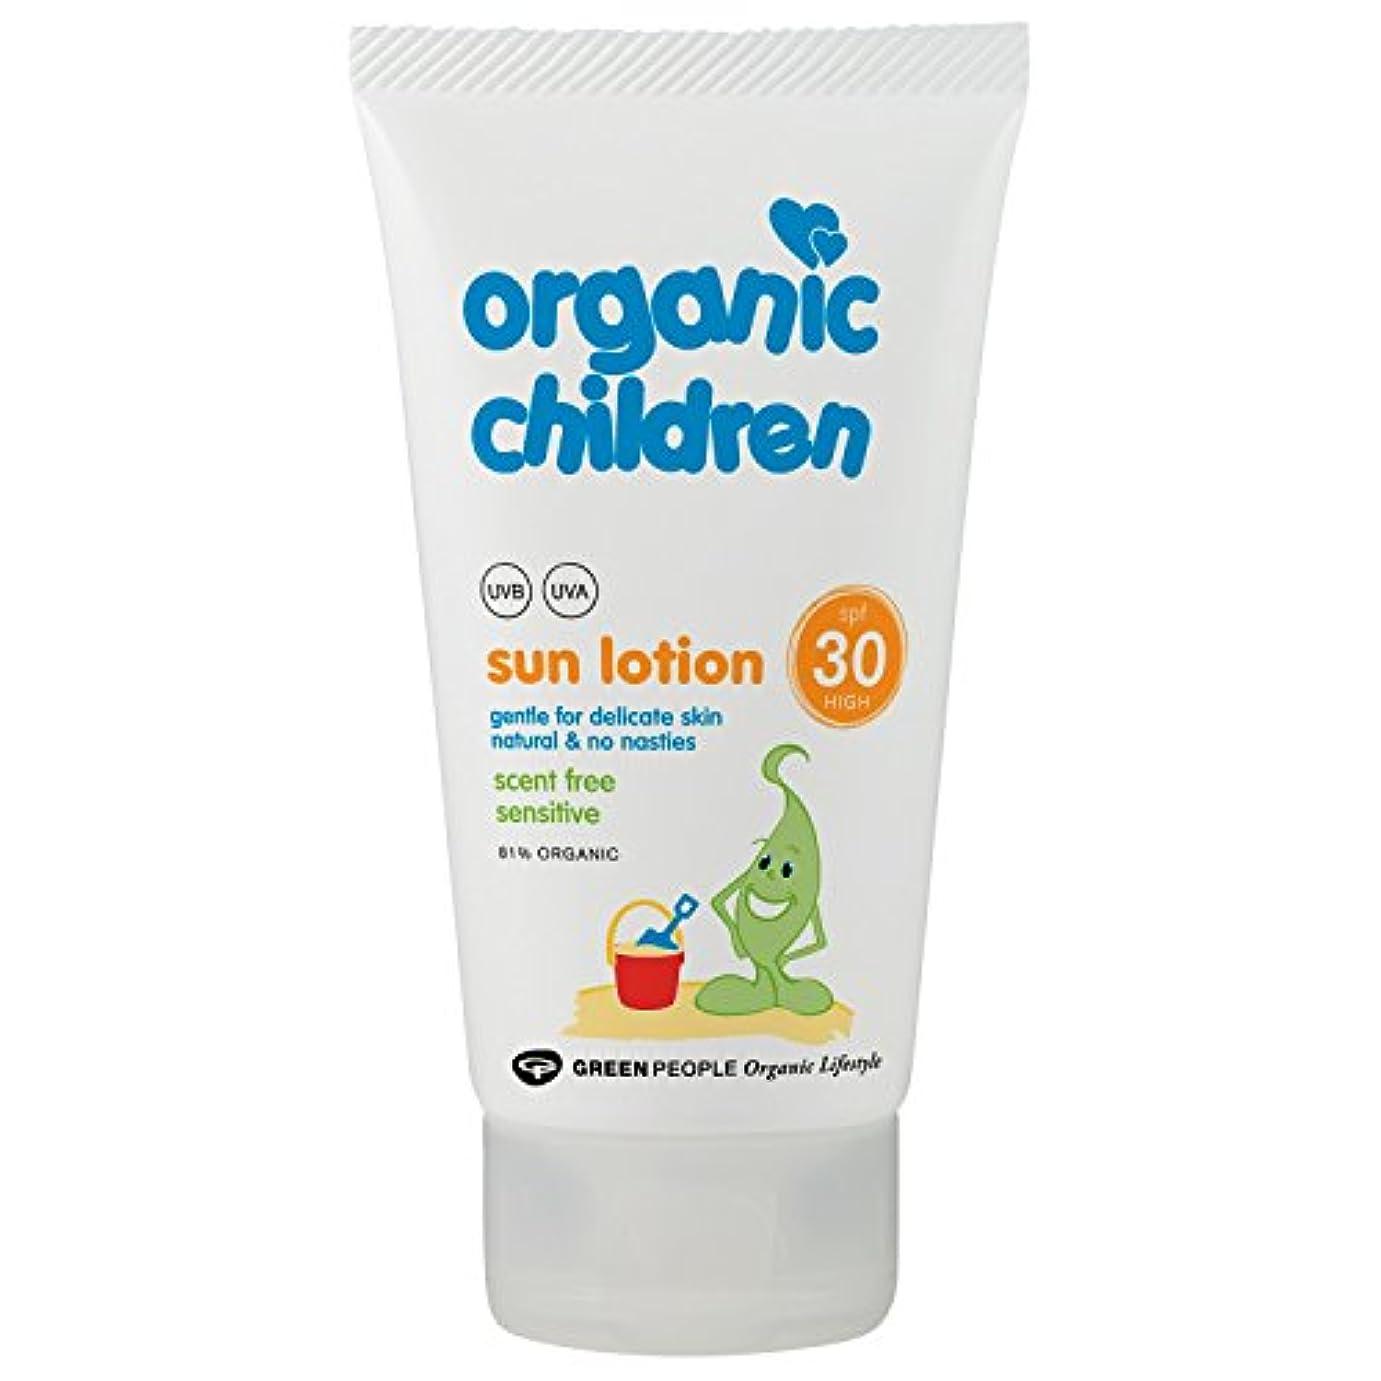 バンジョー自発的使い込む有機子どもたちは30日のローション150グラムを x4 - Organic Children SPF 30 Sun Lotion 150g (Pack of 4) [並行輸入品]